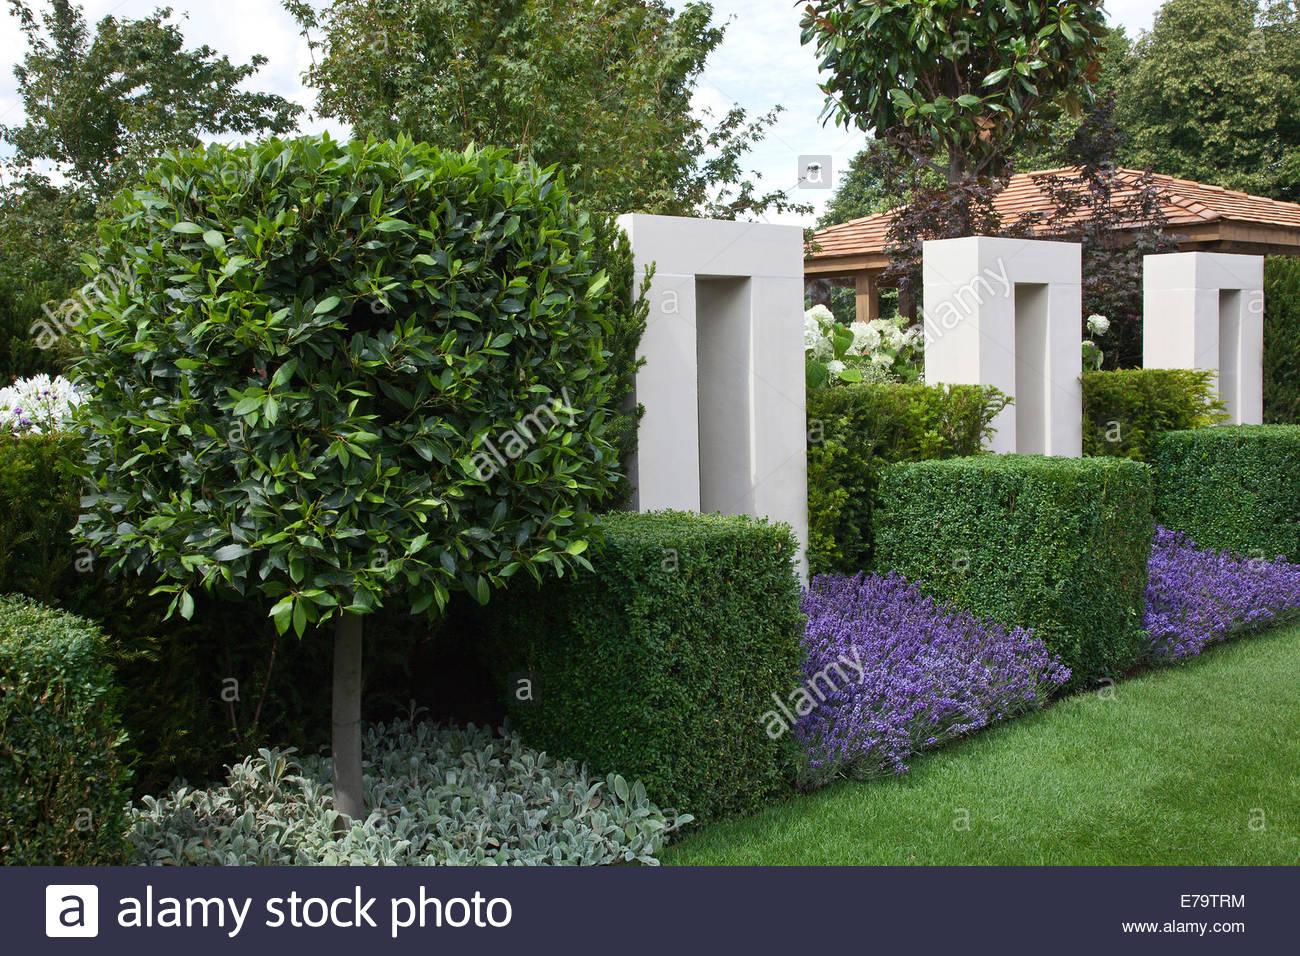 Jardin Contemporaneo Formal Con Arcos De Piedra Blanca Y Bahia Con - Arcos-de-jardin